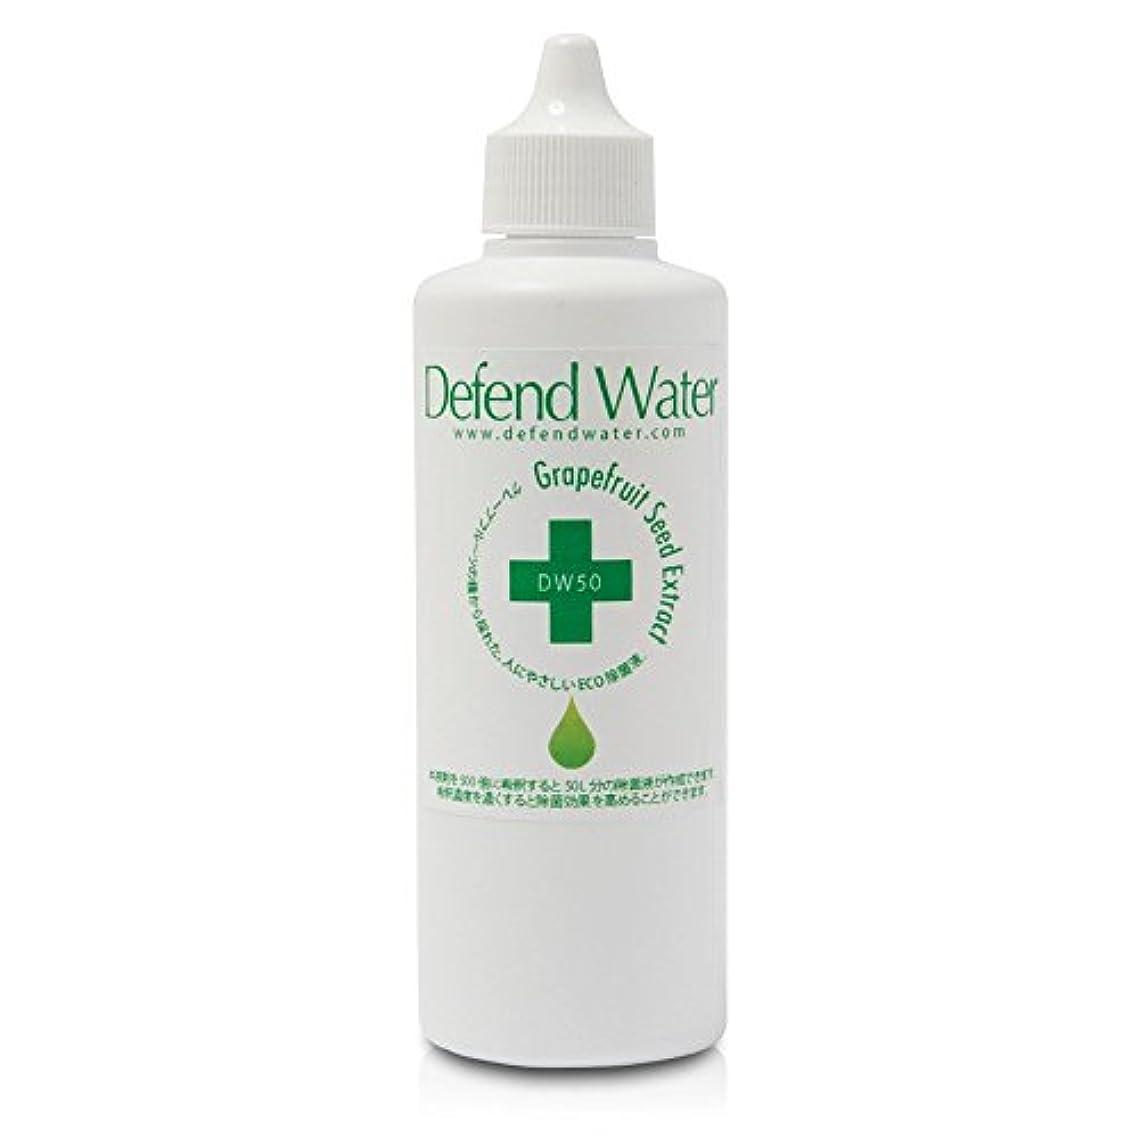 介入するエゴイズム原告アロマオイルと一緒に使う空間除菌液、天然エコ除菌液「ディフェンドウォーター」DW50